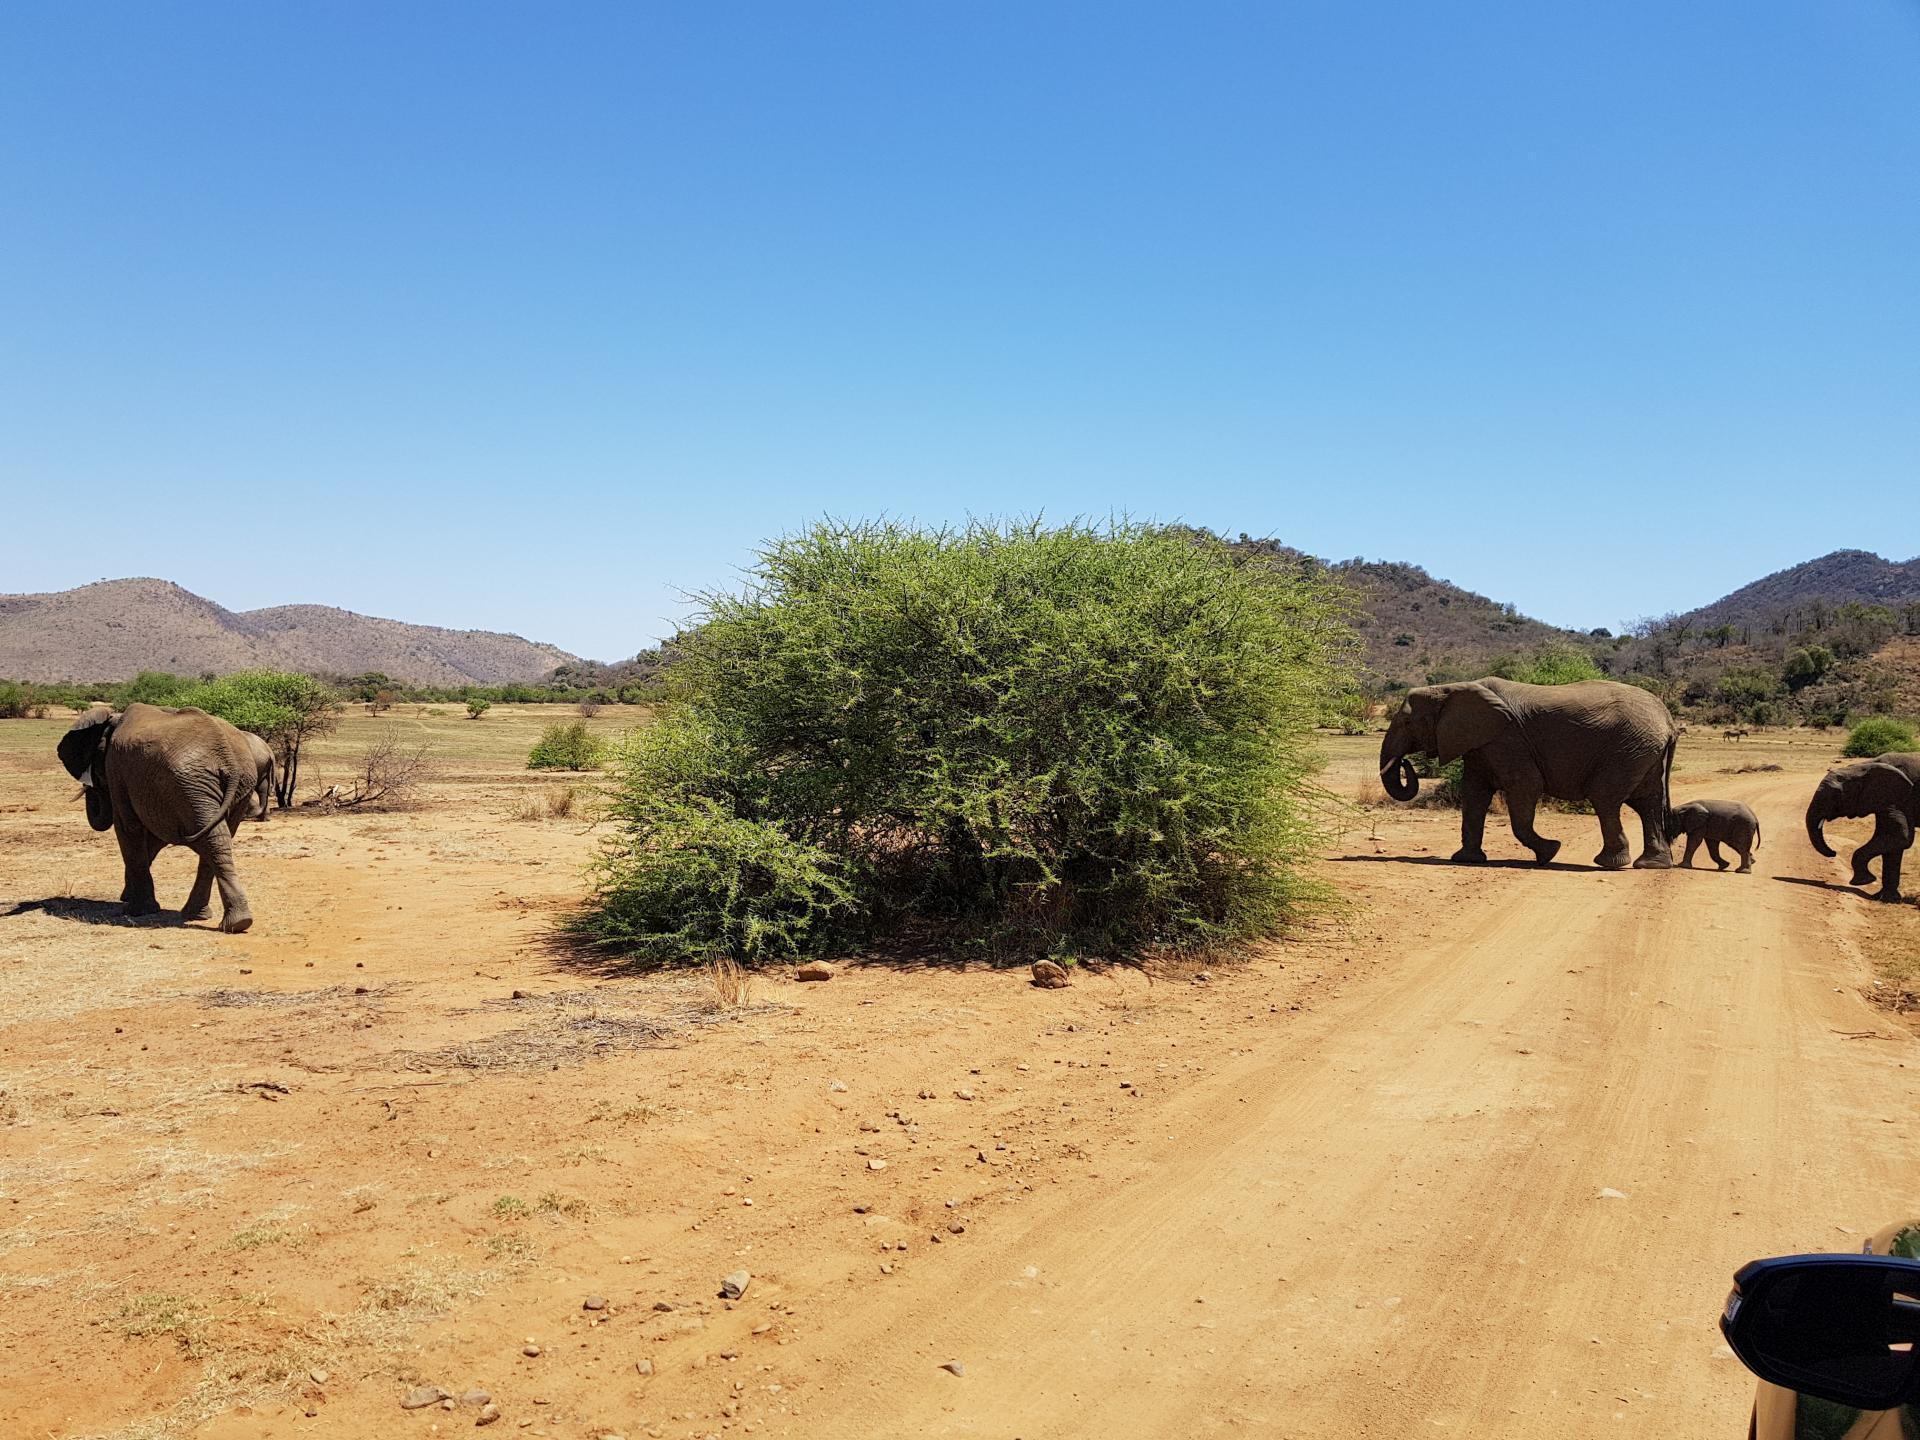 стадо слонов переходит дорогу